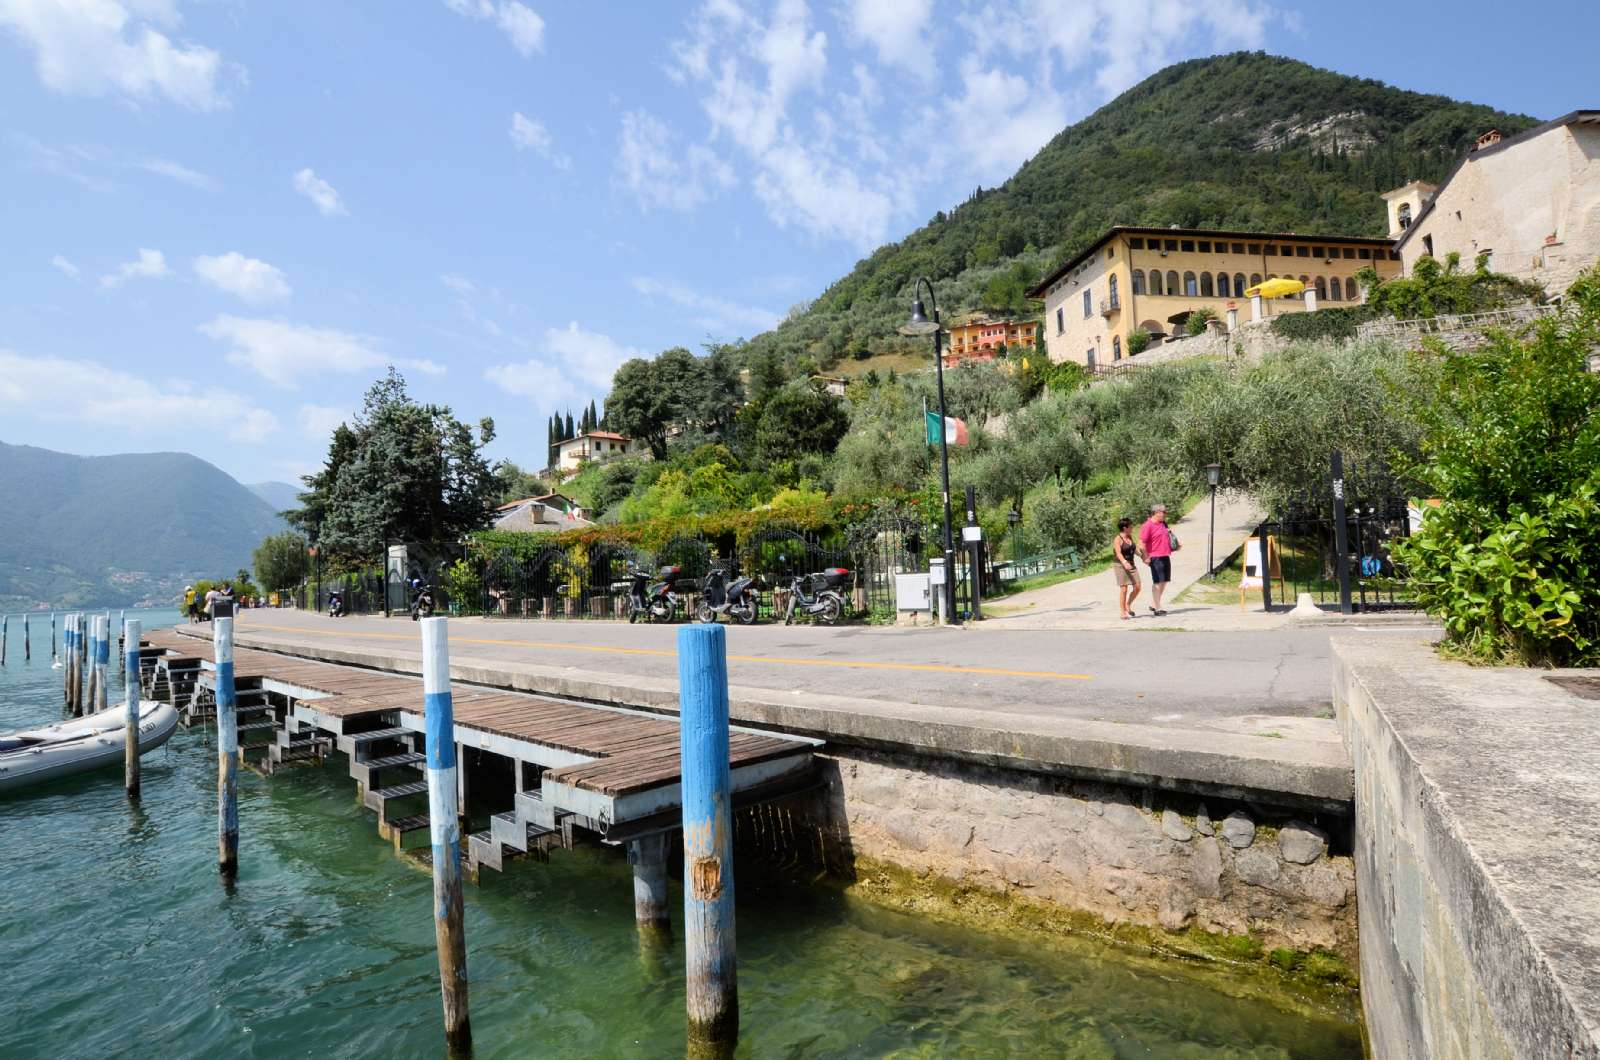 Le sentier de promenade autour de l'île